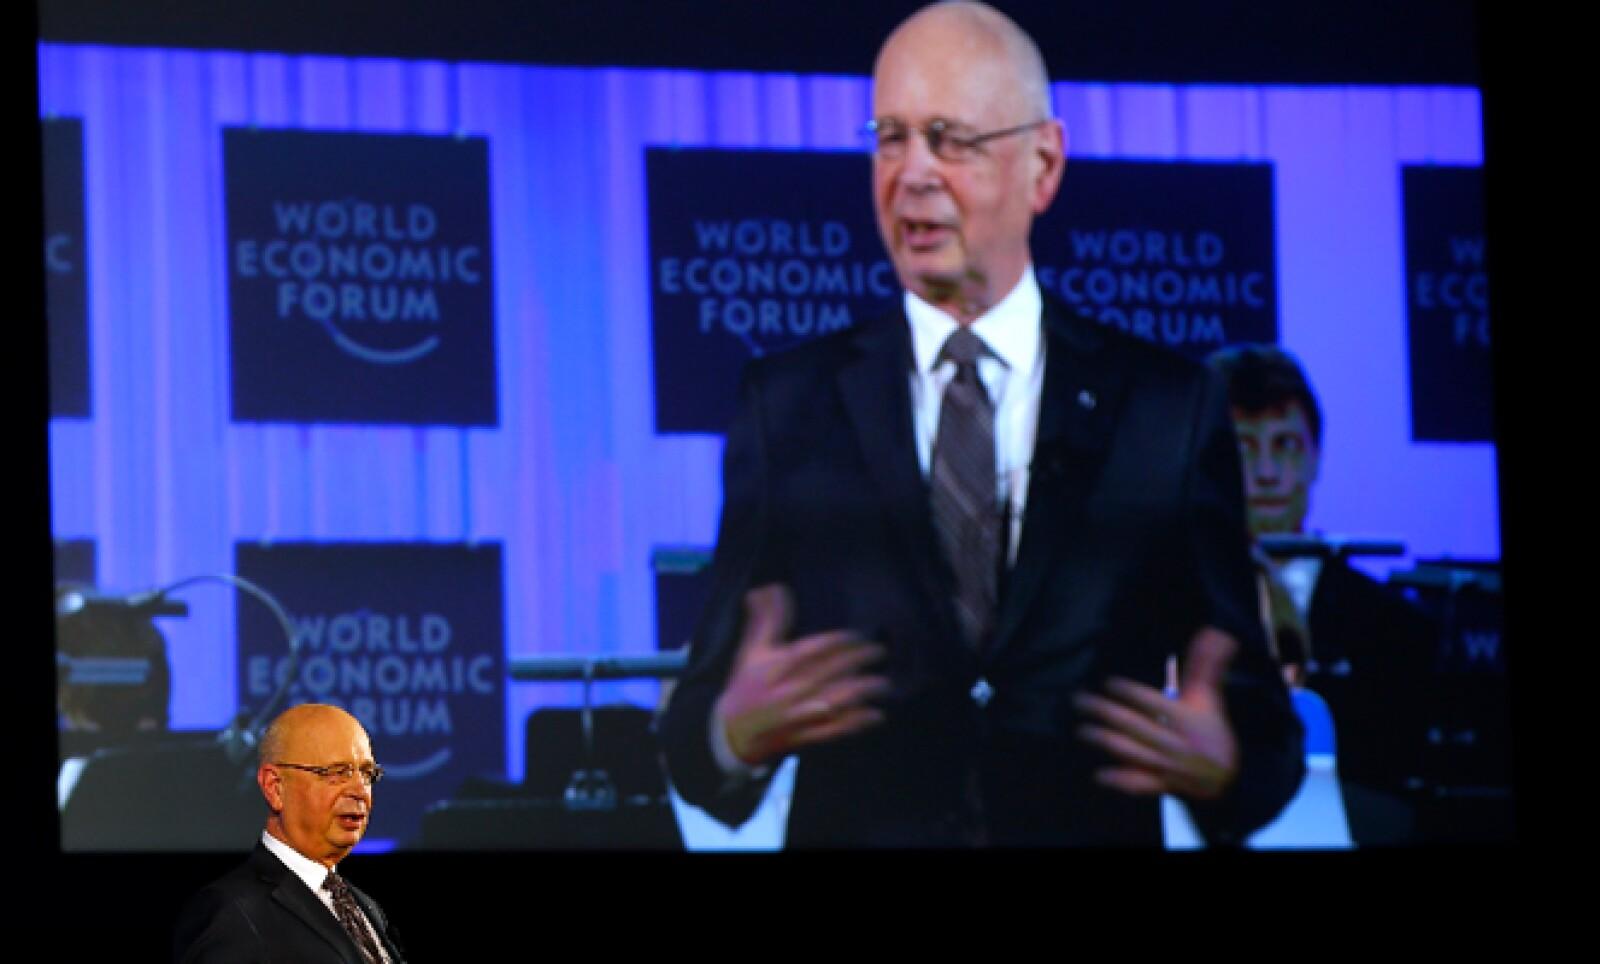 El fundador del WEF, Klaus Schwab, pidió a los más de 2,500 asistentes llevar siempre mente, alma, compasión y templanza.